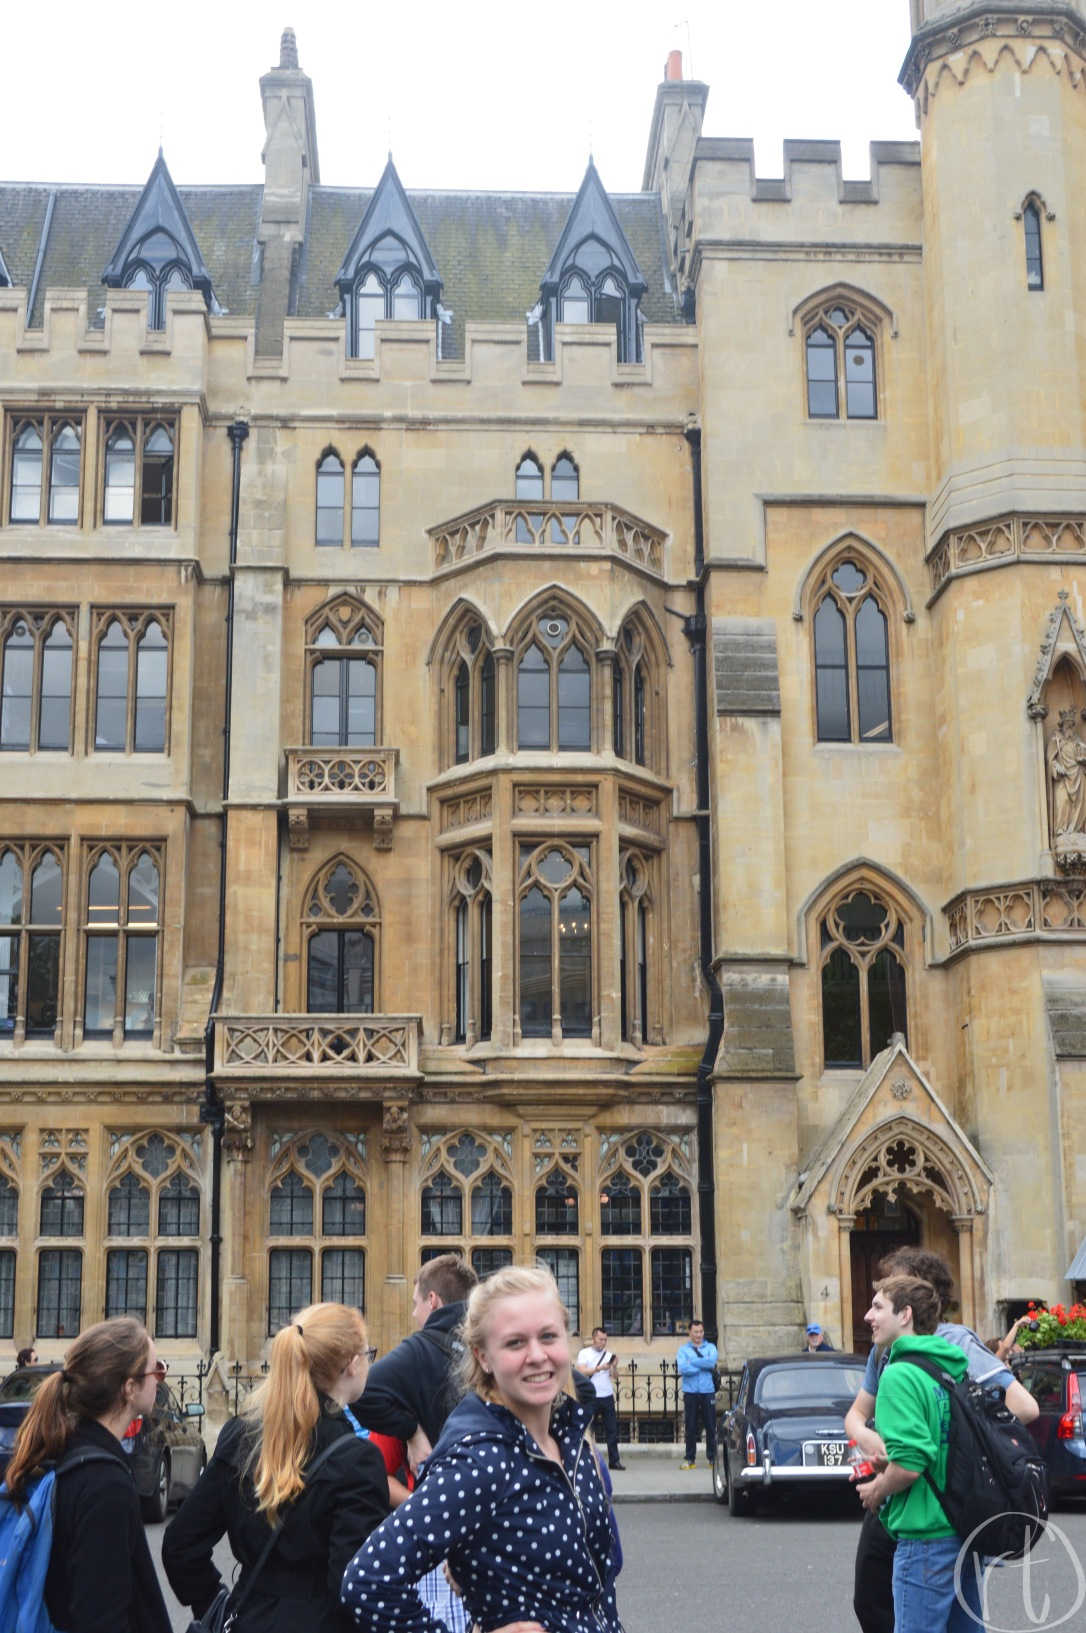 westminster-abbey-london-england-uk-rain-jacket-travel